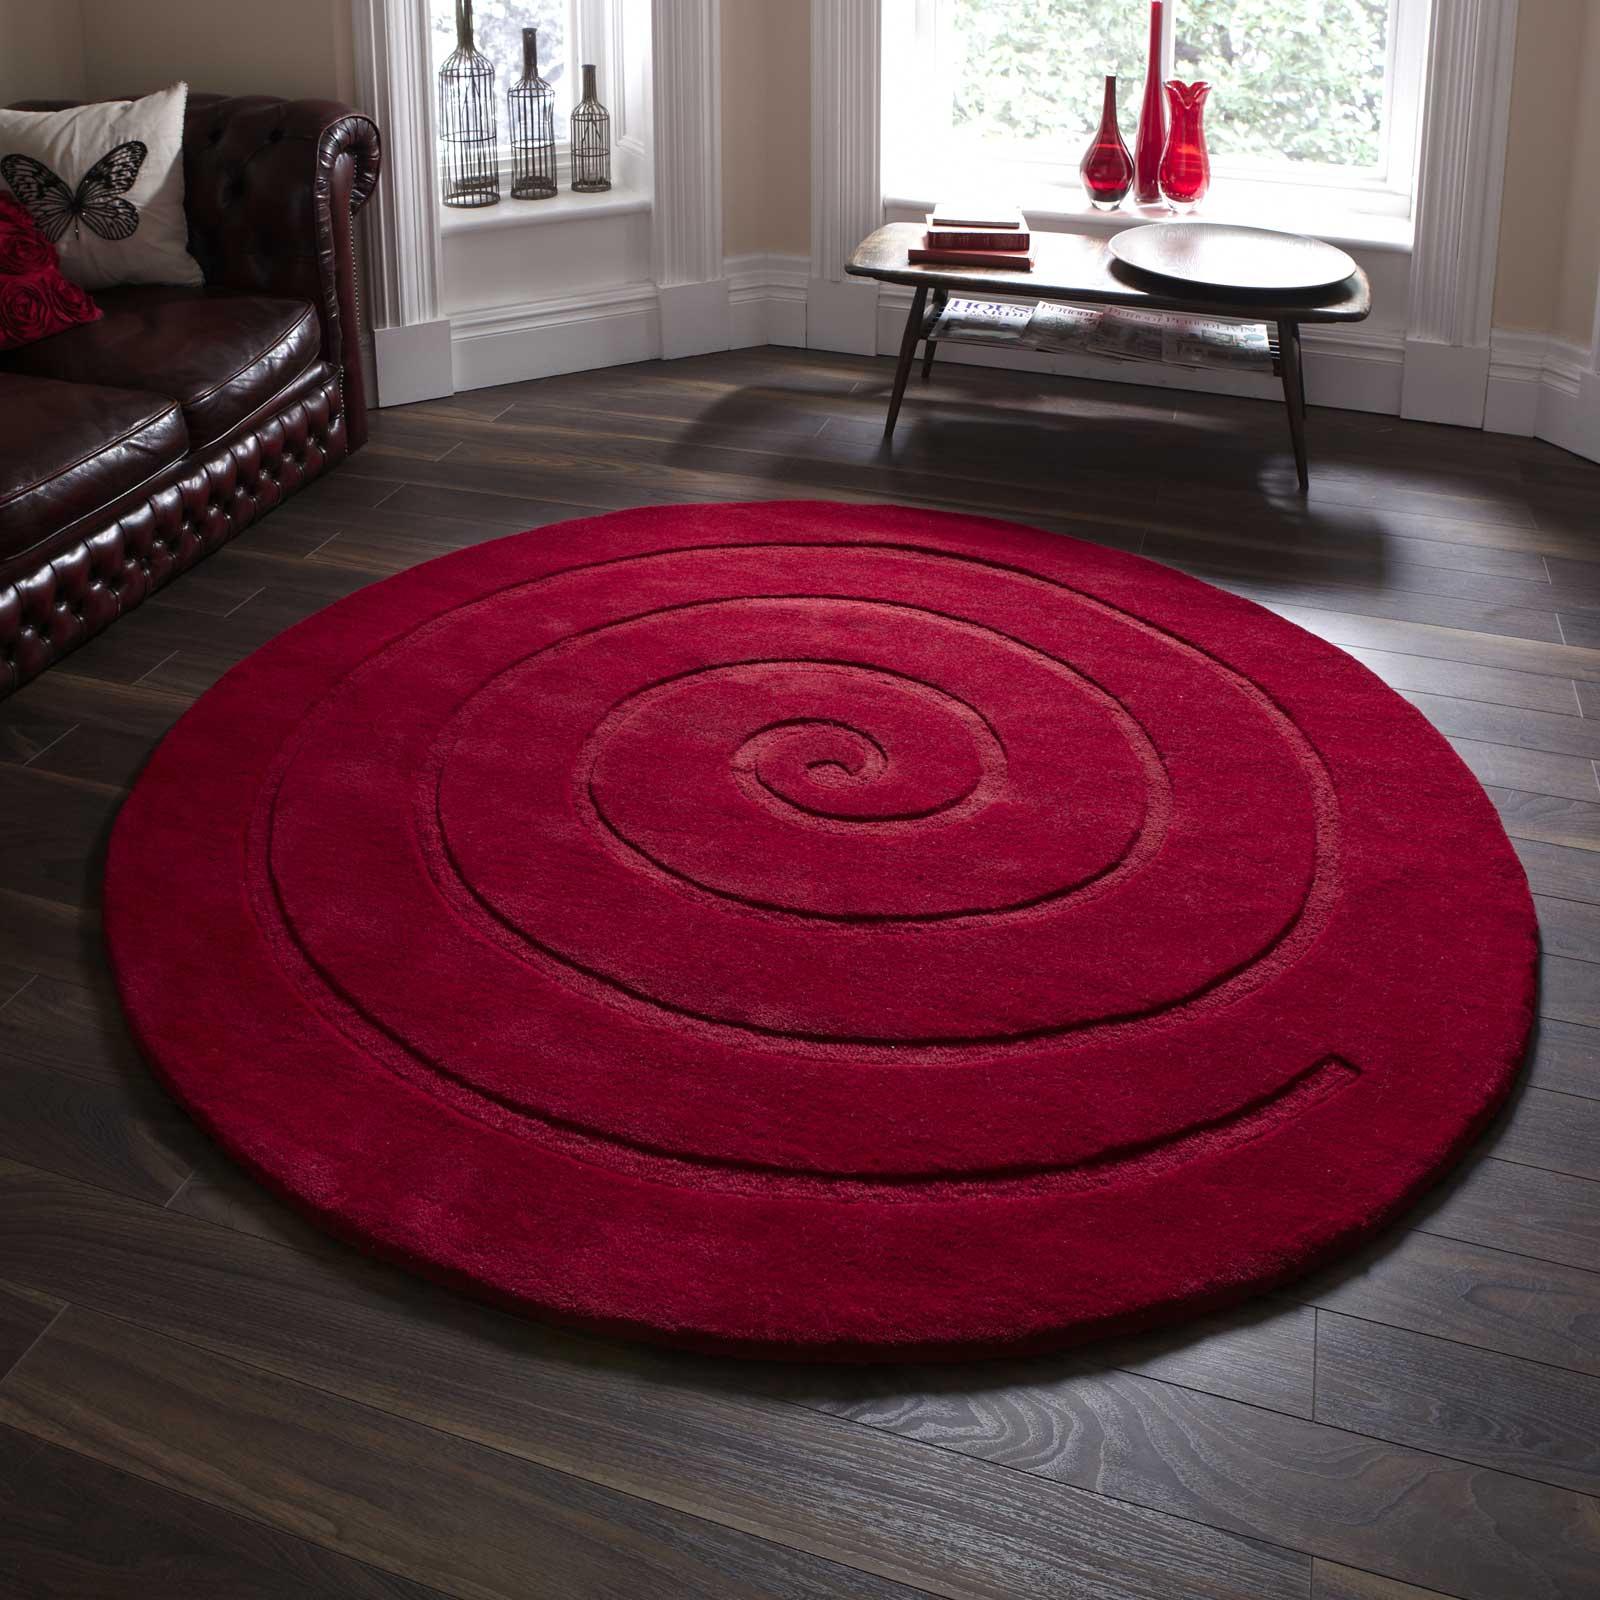 Spiral Rugs Circular Rugs Round Rugs Circle Rugs